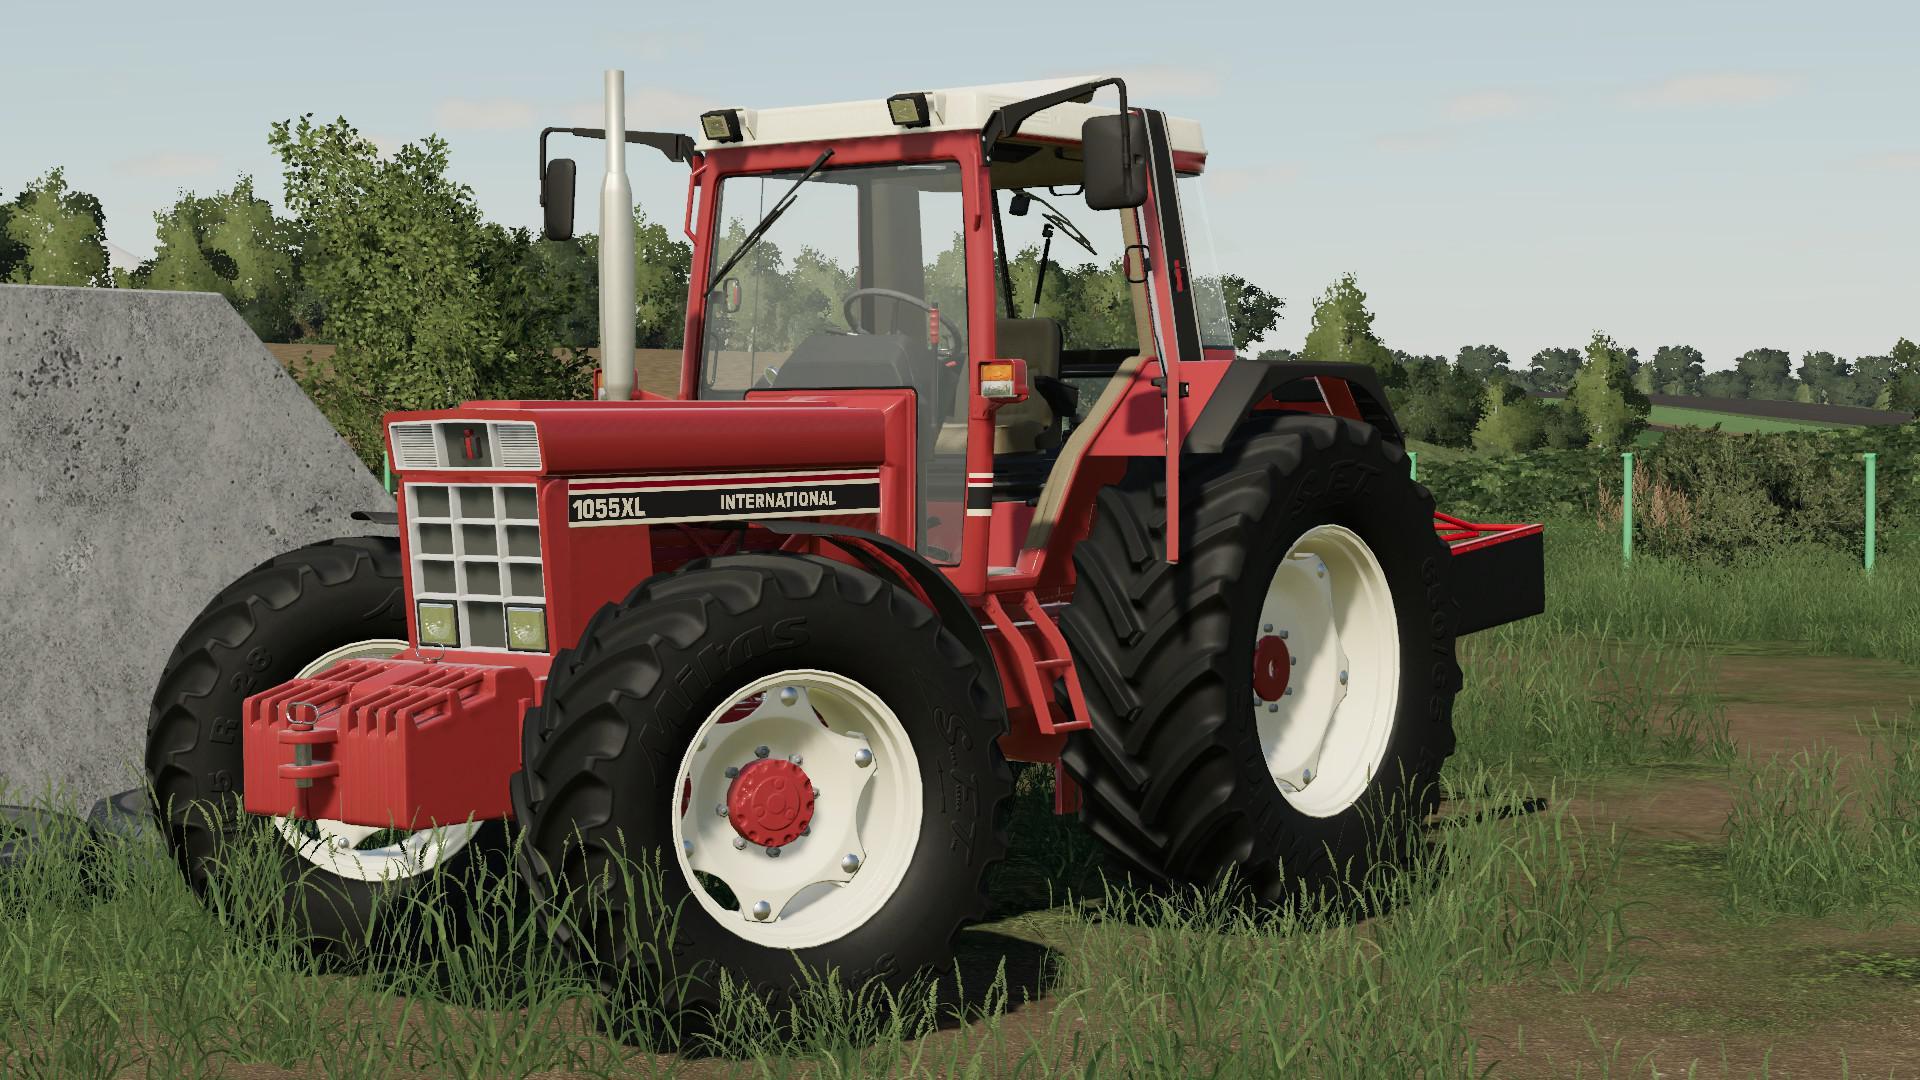 185R Traktormeterwelle mit Anschluß Case IHC 955 956 1055 und 1056 XL